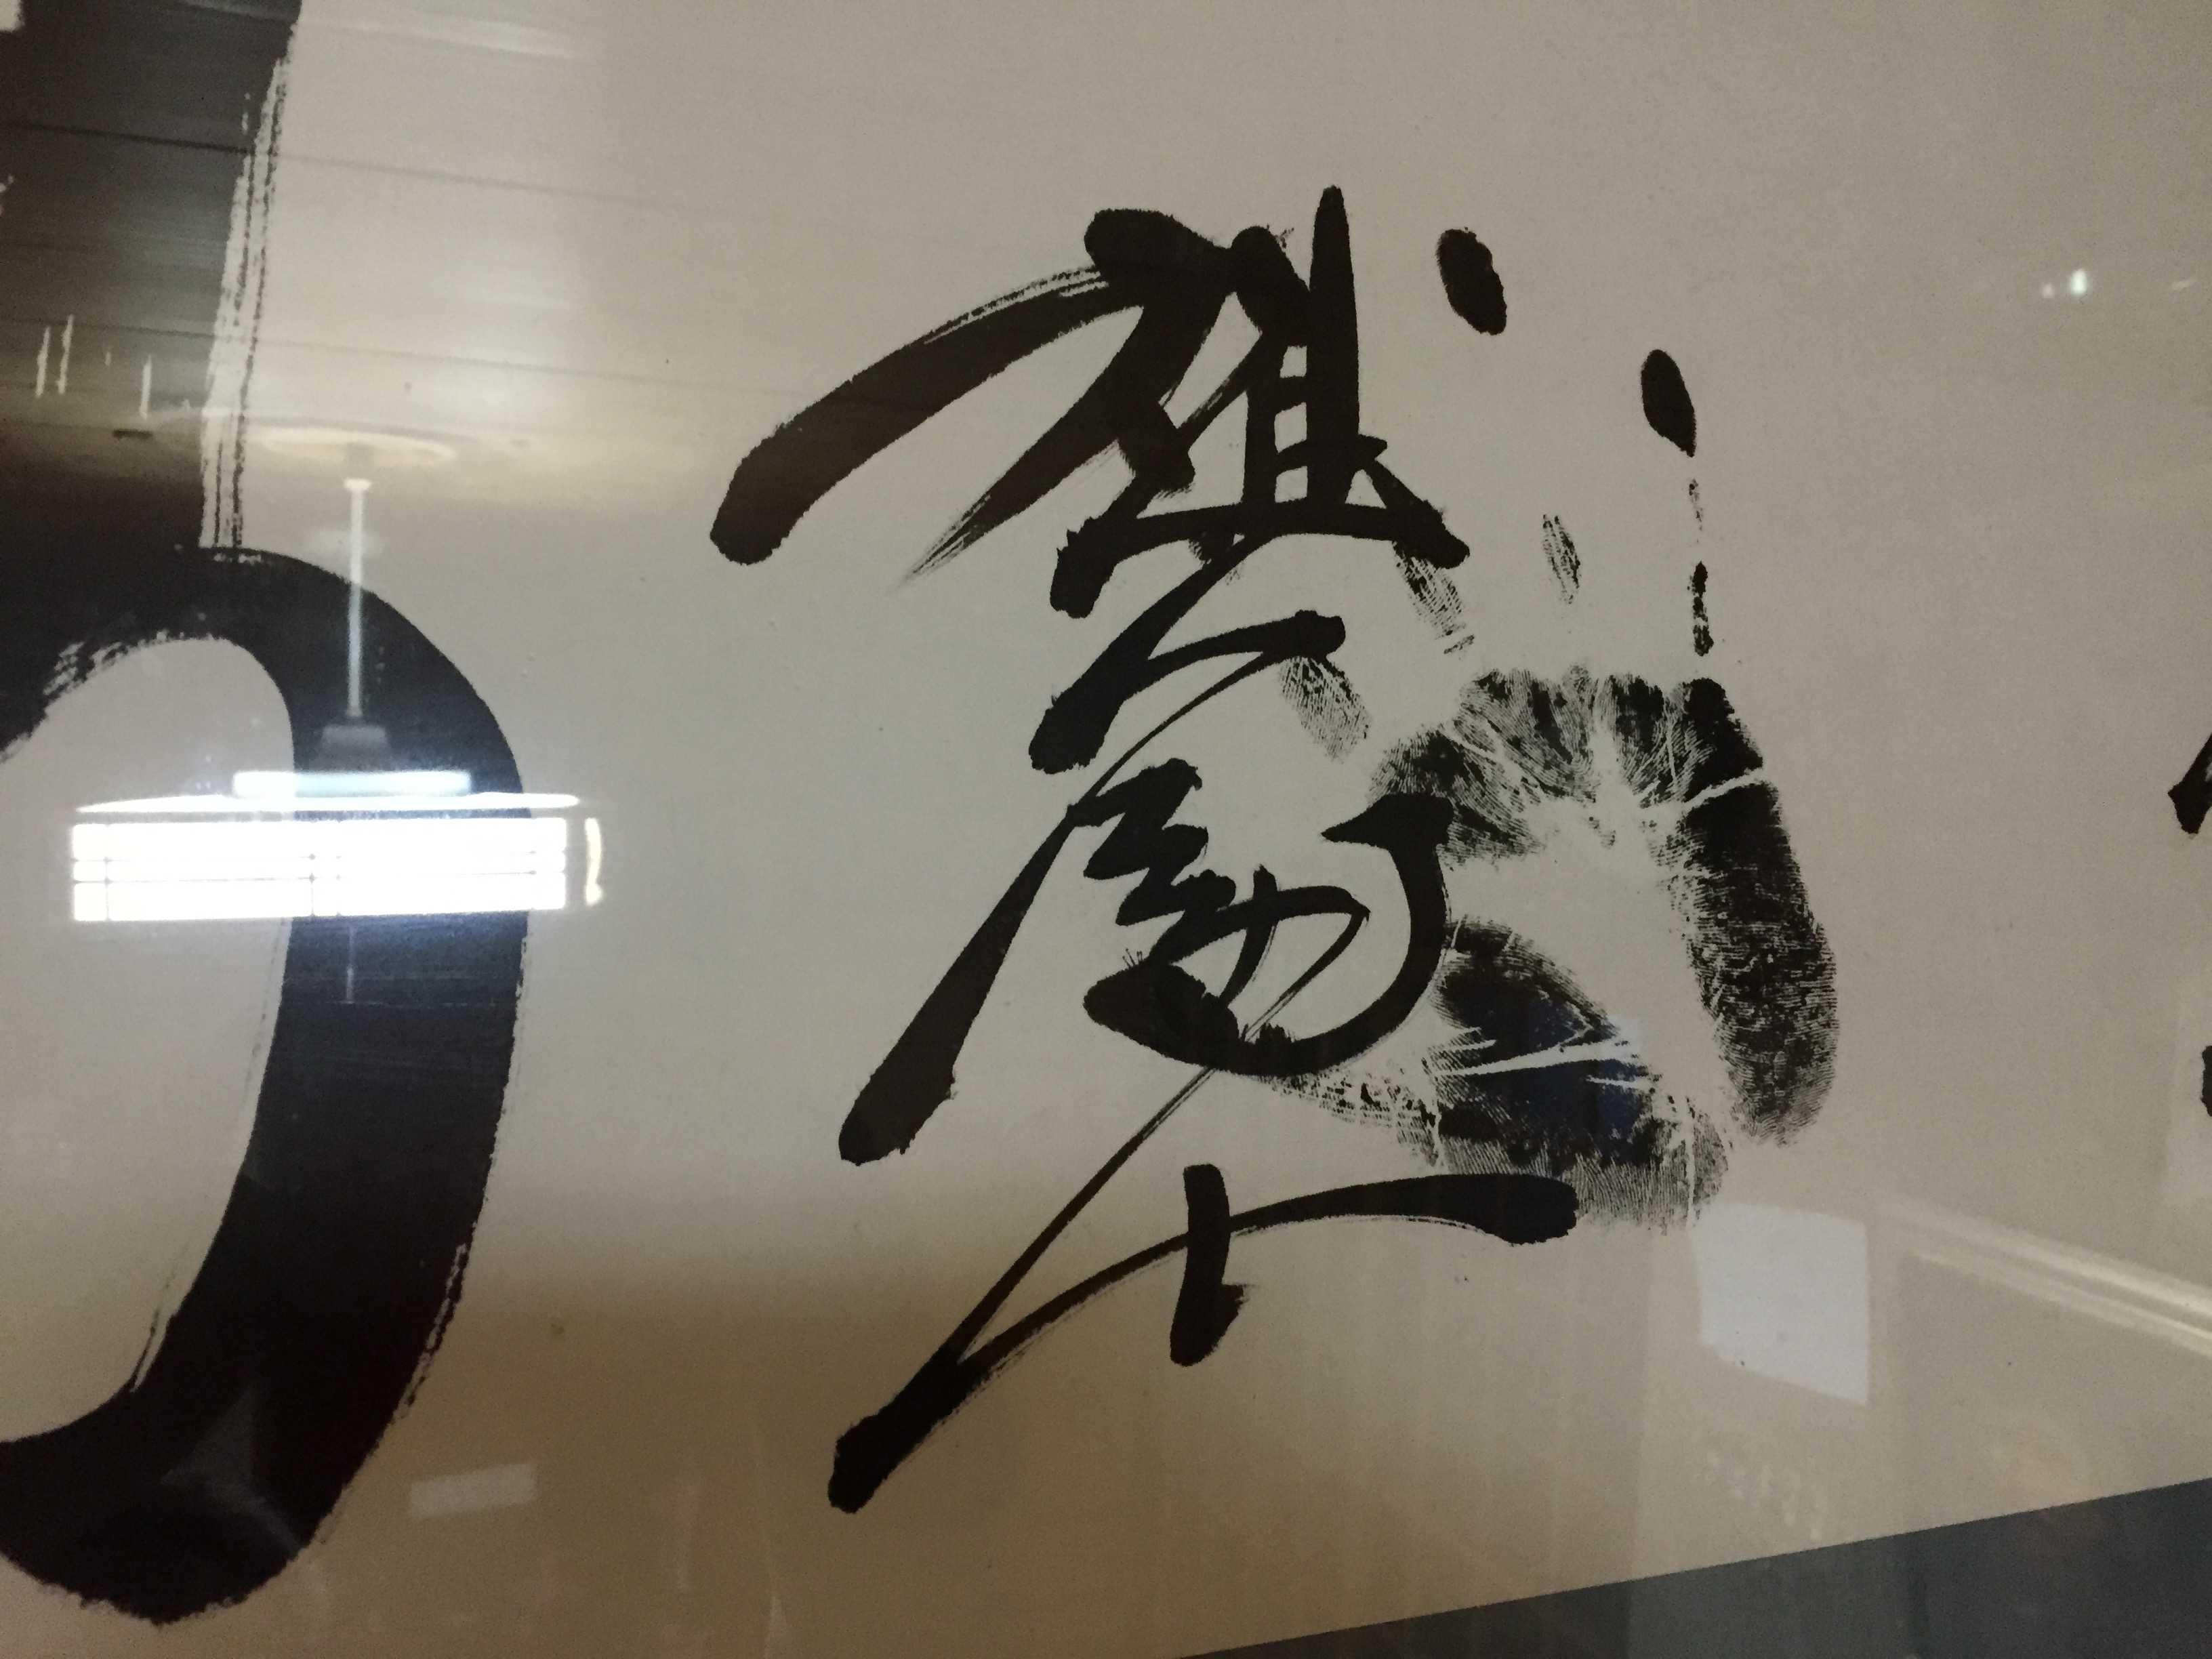 旭富士(あさひふじ)の手形とサイン